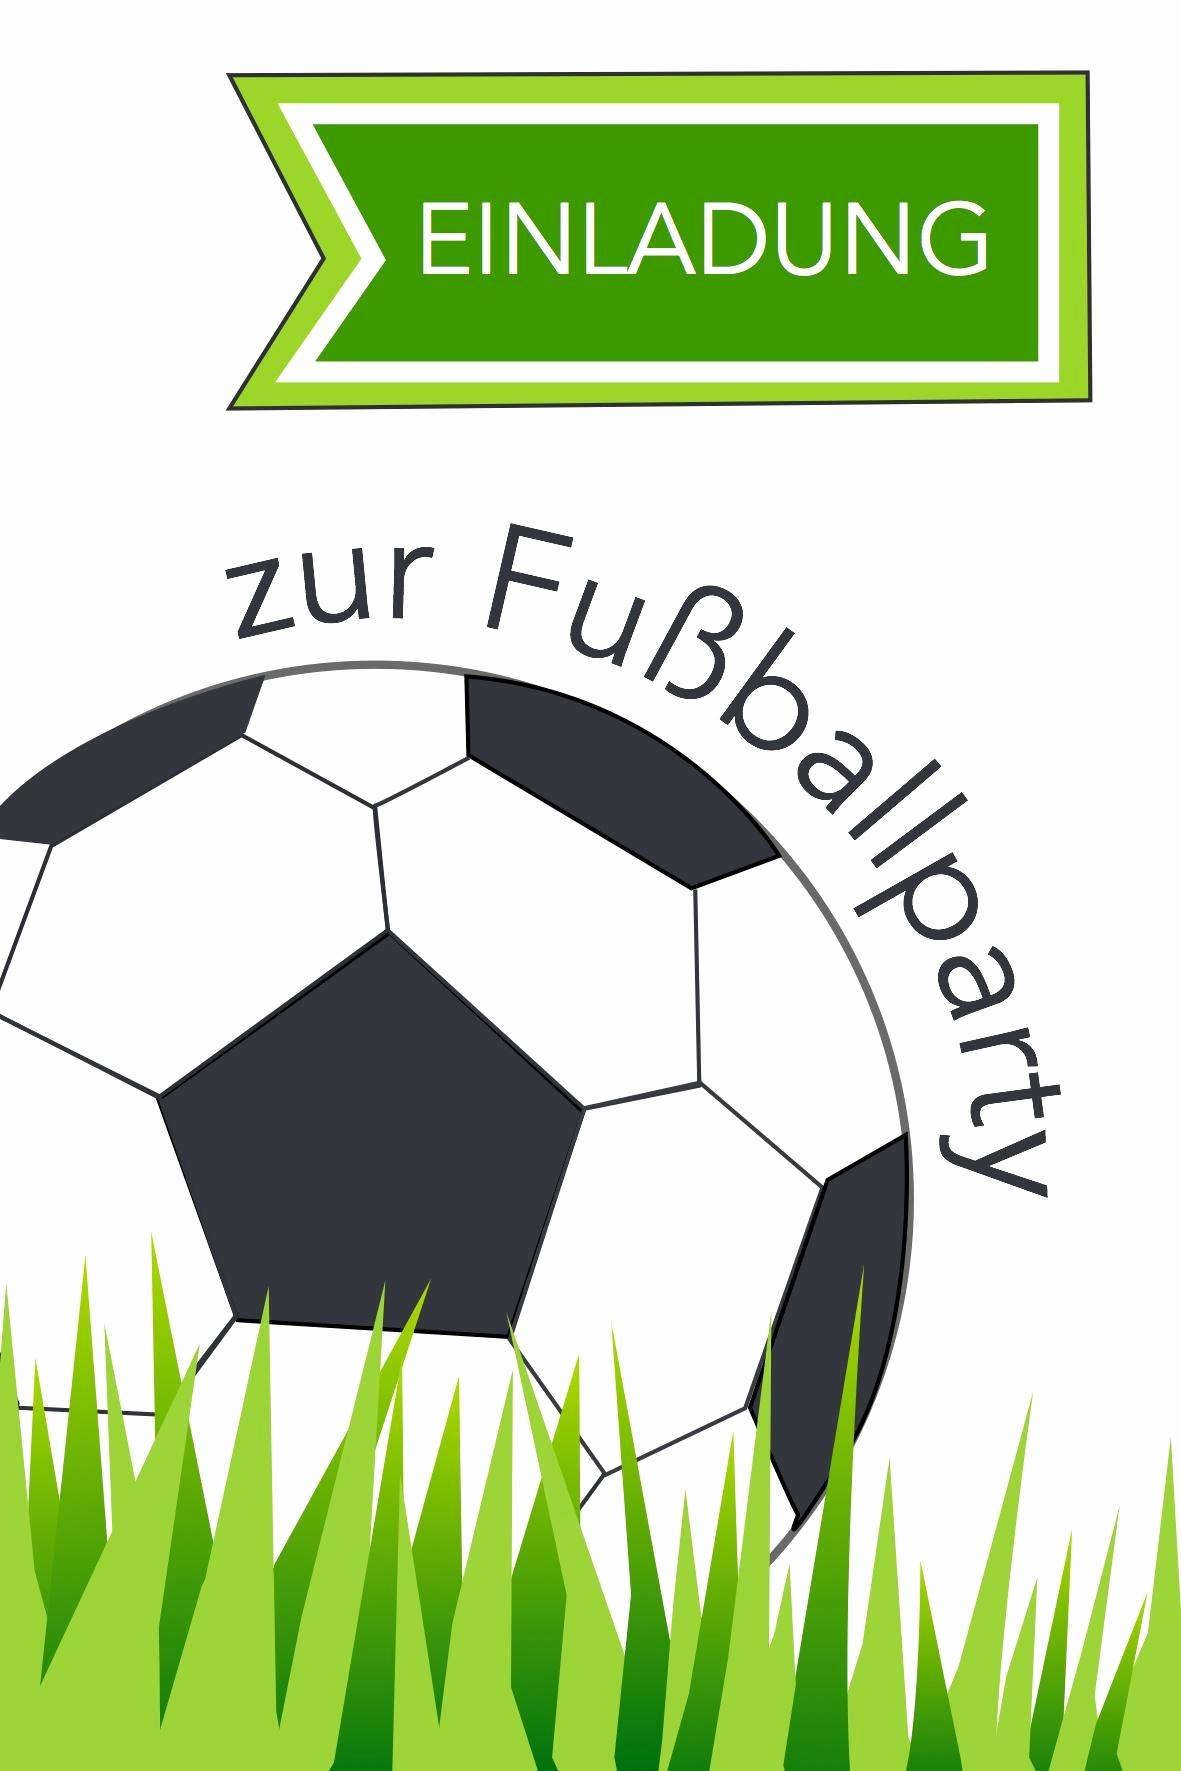 Fussball Vorlagen Zum Ausdrucken Best Fussball Einladung Neu innen Fussball Vorlagen Zum Ausdrucken